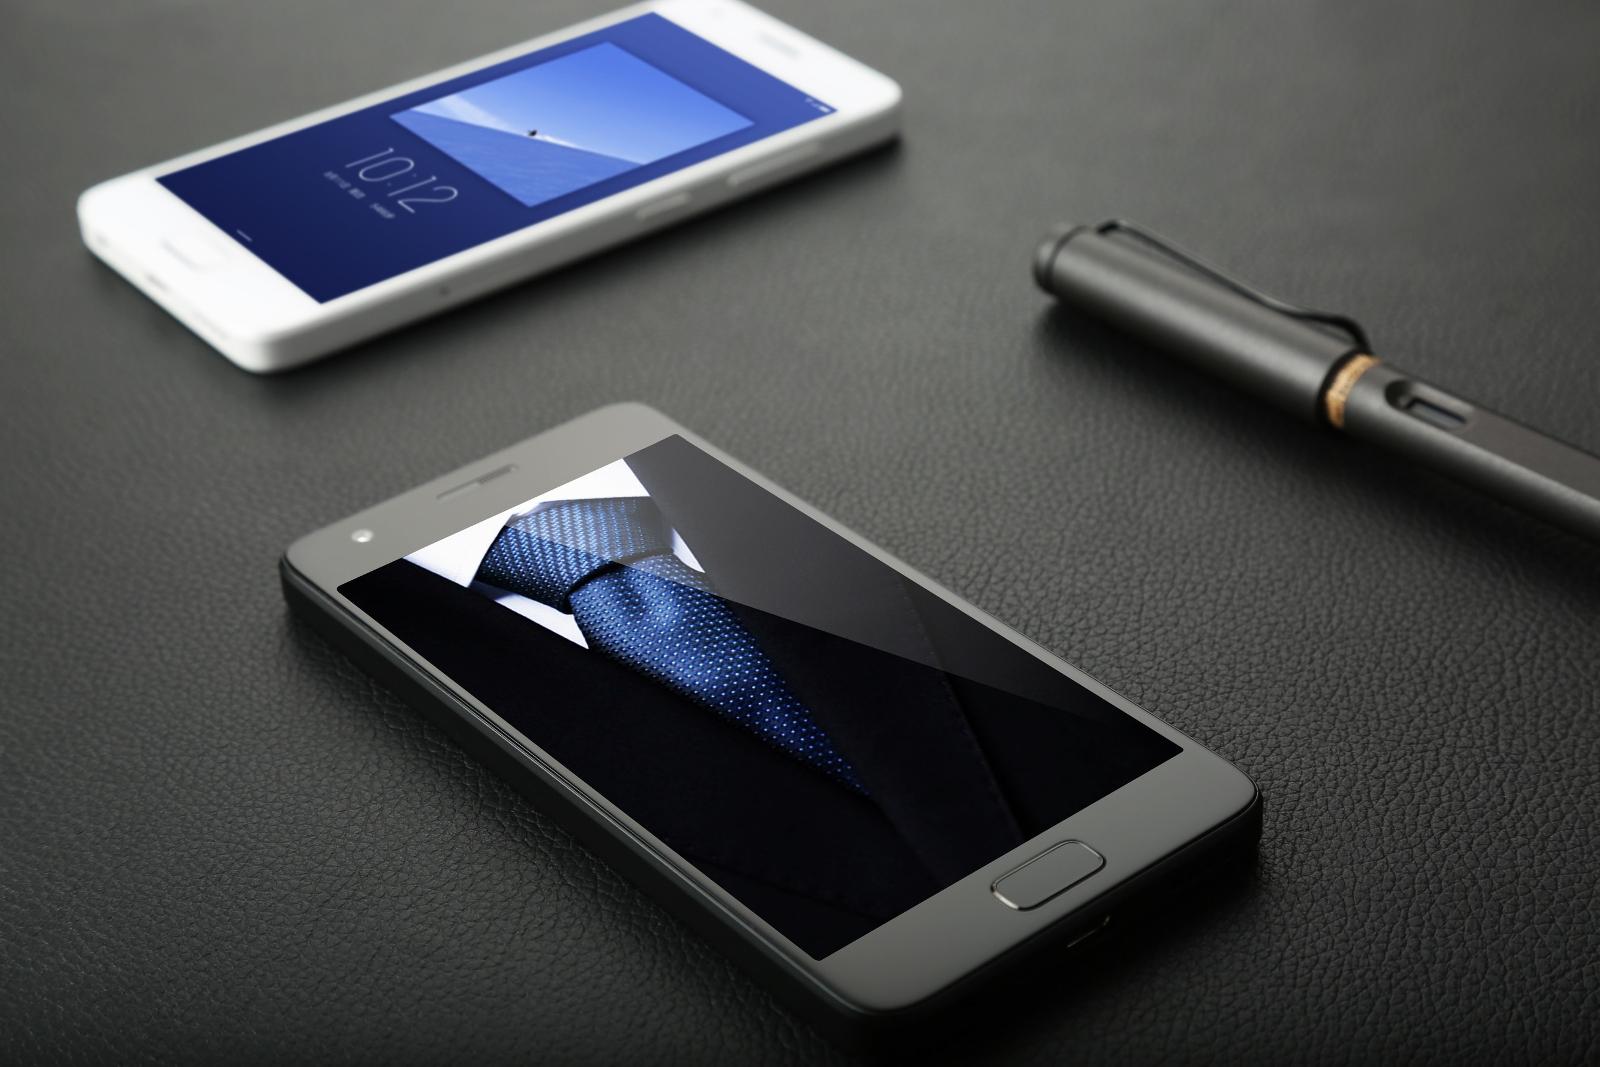 Le ZUK Z2 recoit à son tour une mise à jour vers Android 7.0 Nougat